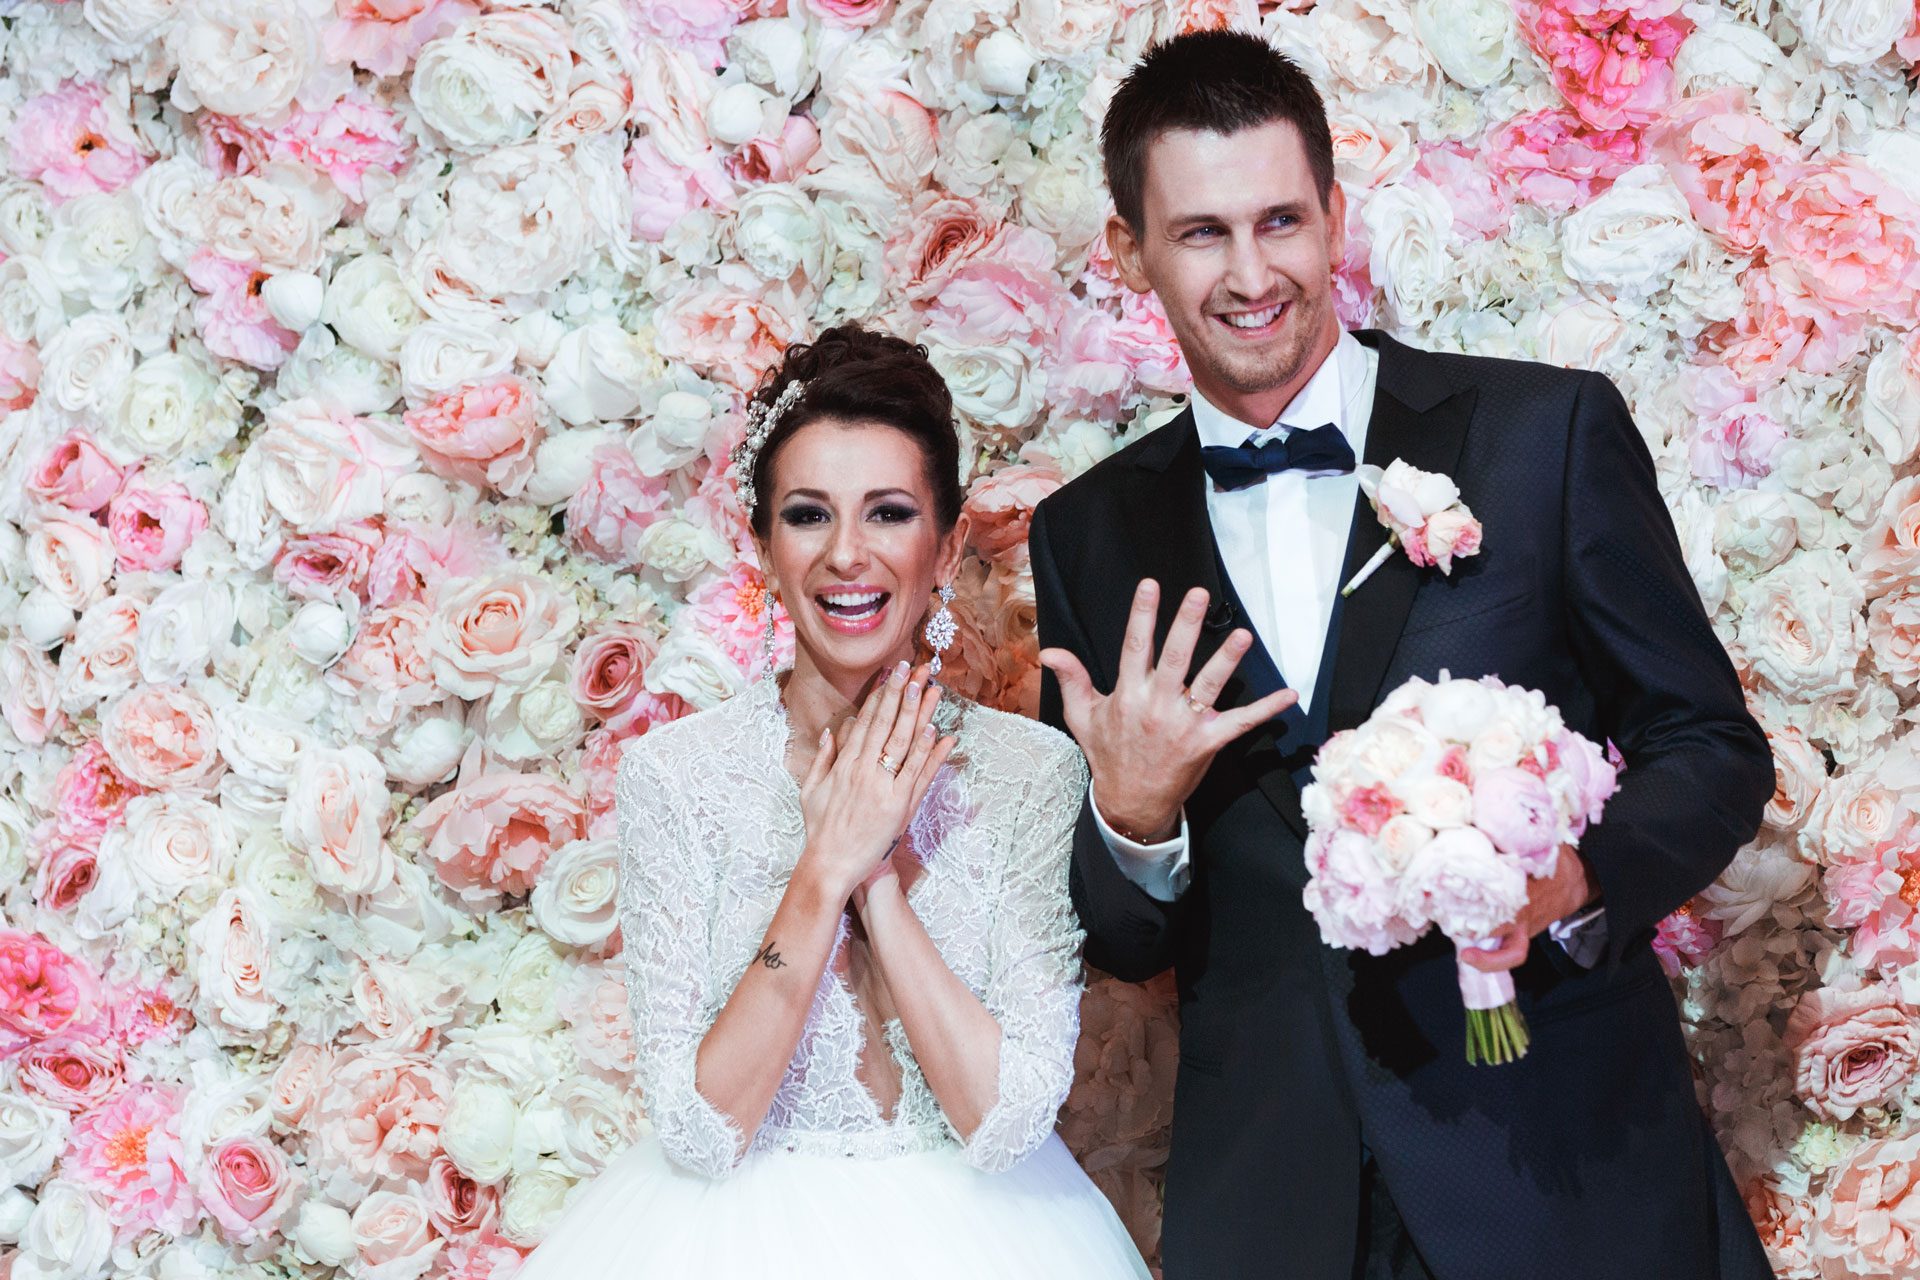 Пионовая свадьба. Свадьба Анны Грачевской и Артема Кузякина фото 24